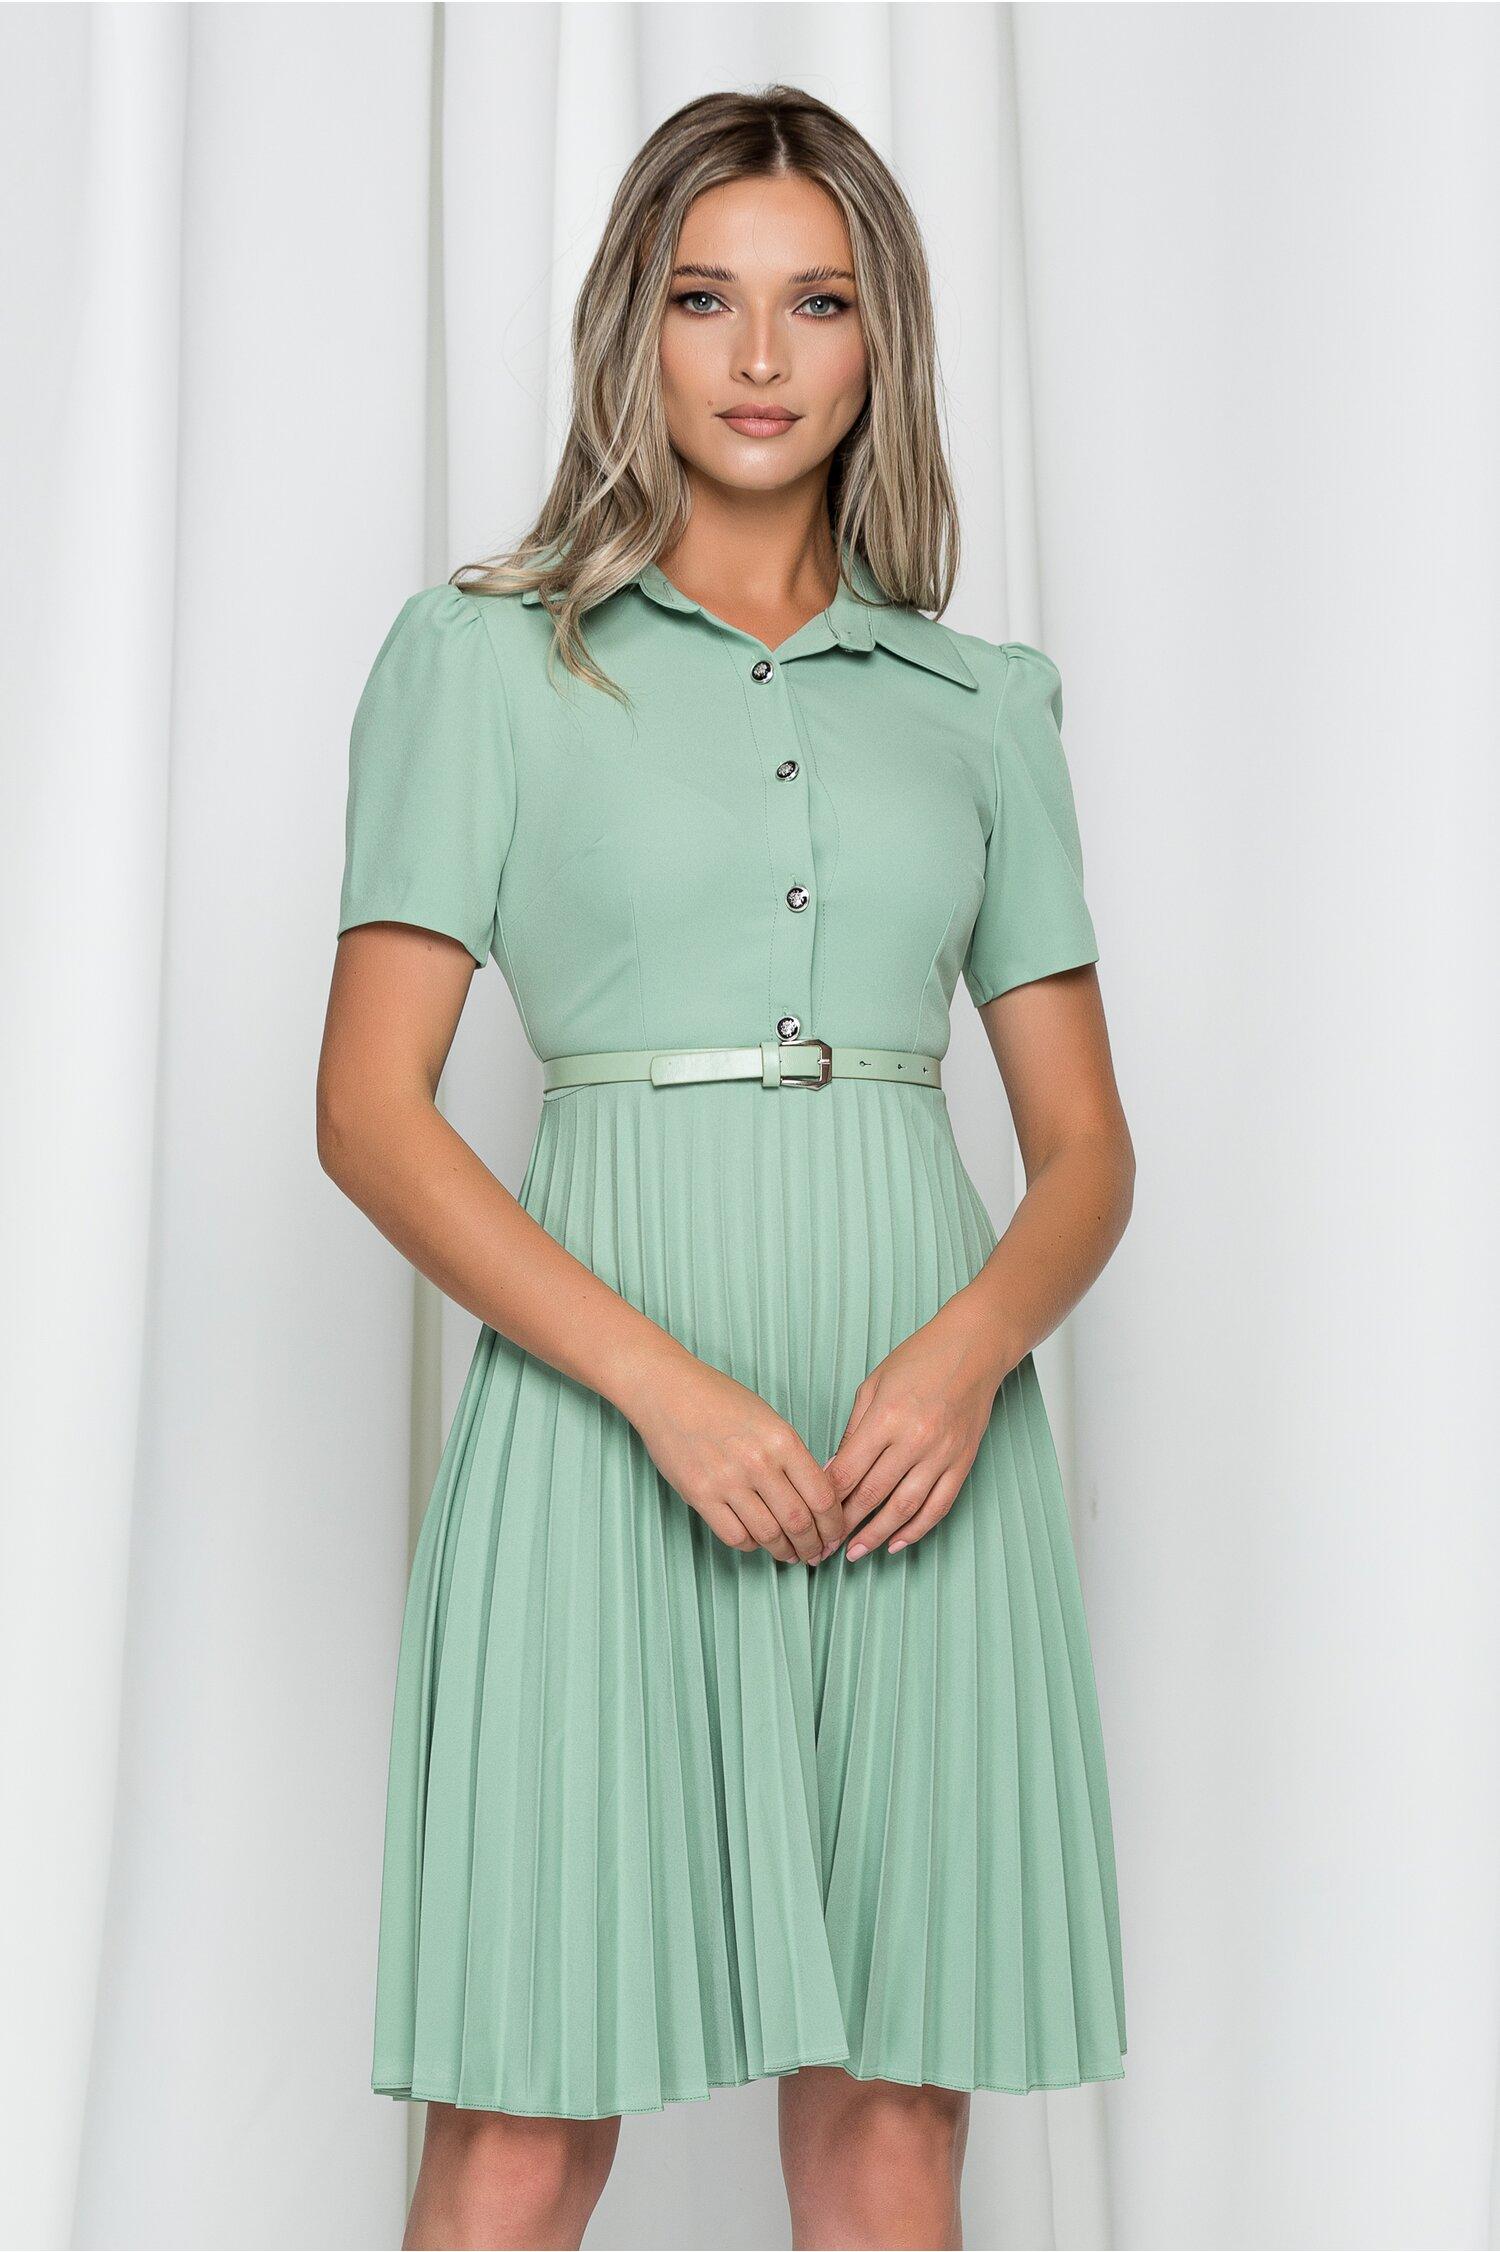 Rochie Kalliope verde mint cu guler tip camasa si pliuri pe fusta